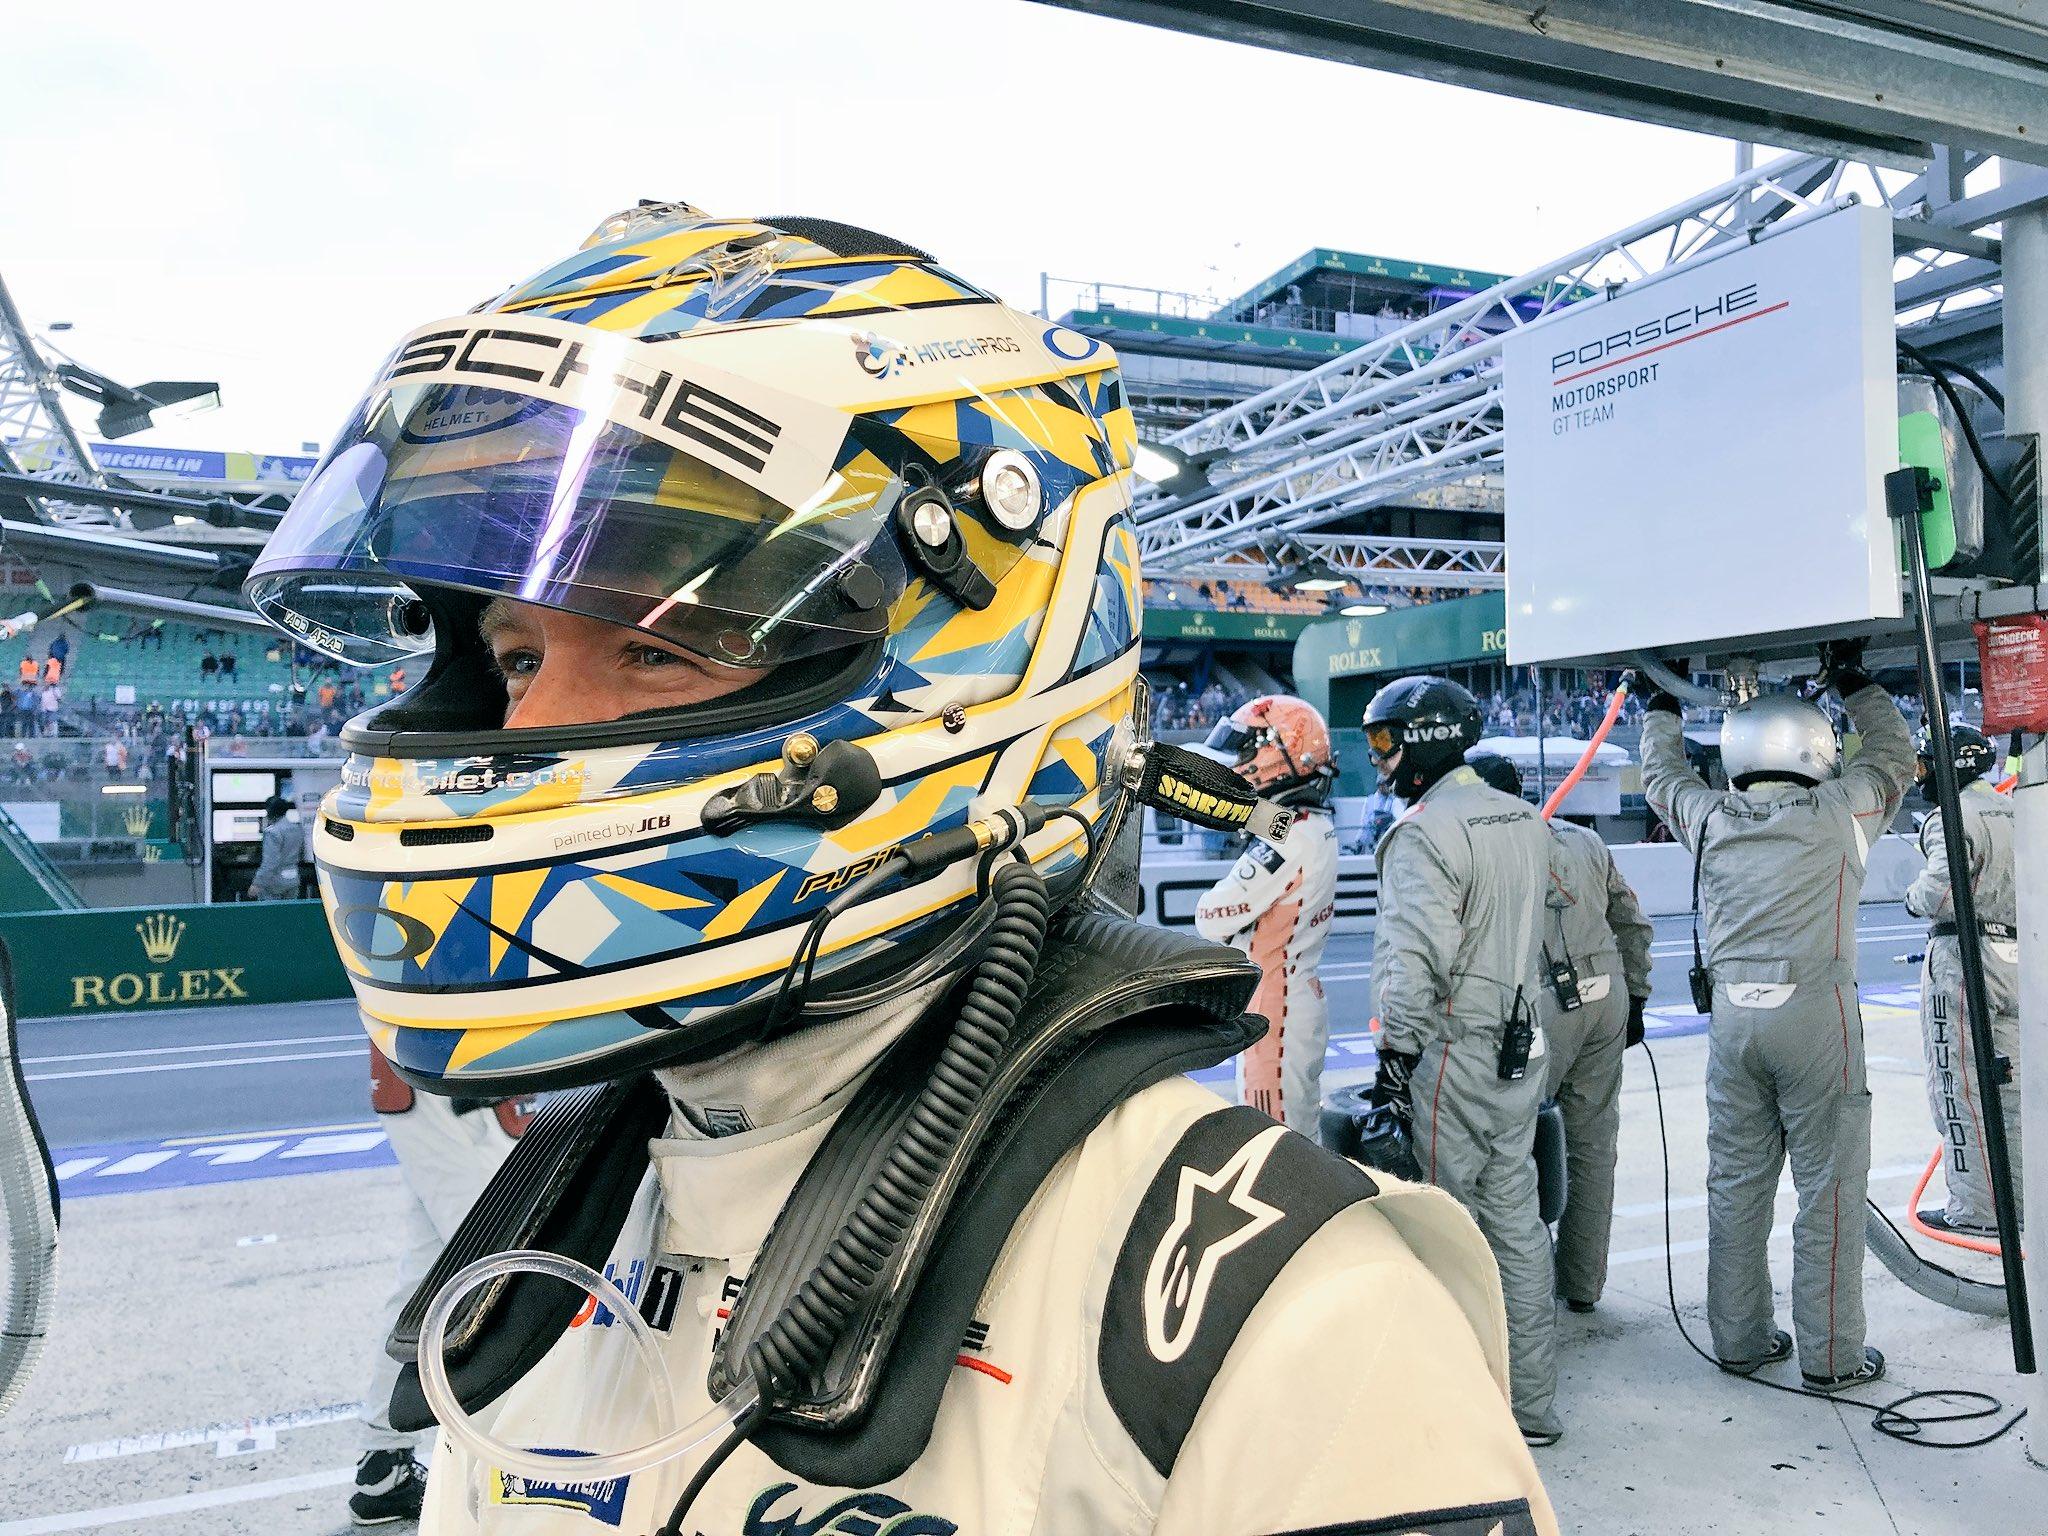 24 Horas de Le Mans 2018 - Página 3 Df1YfaKXUAA8cpU